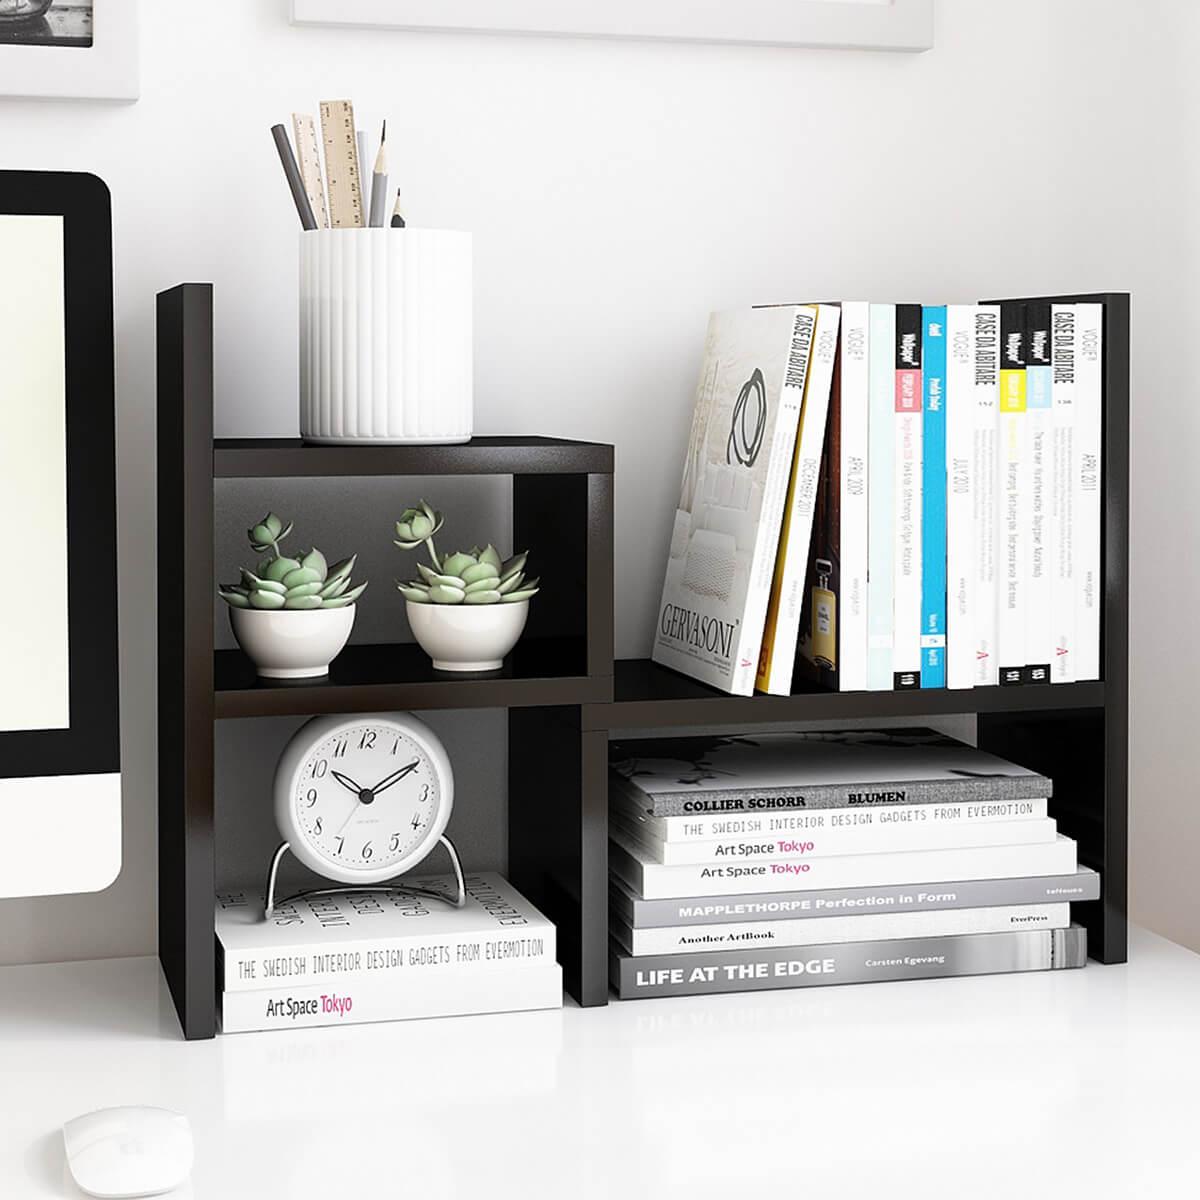 идеи для хранения офисных принадлежностей фото 8